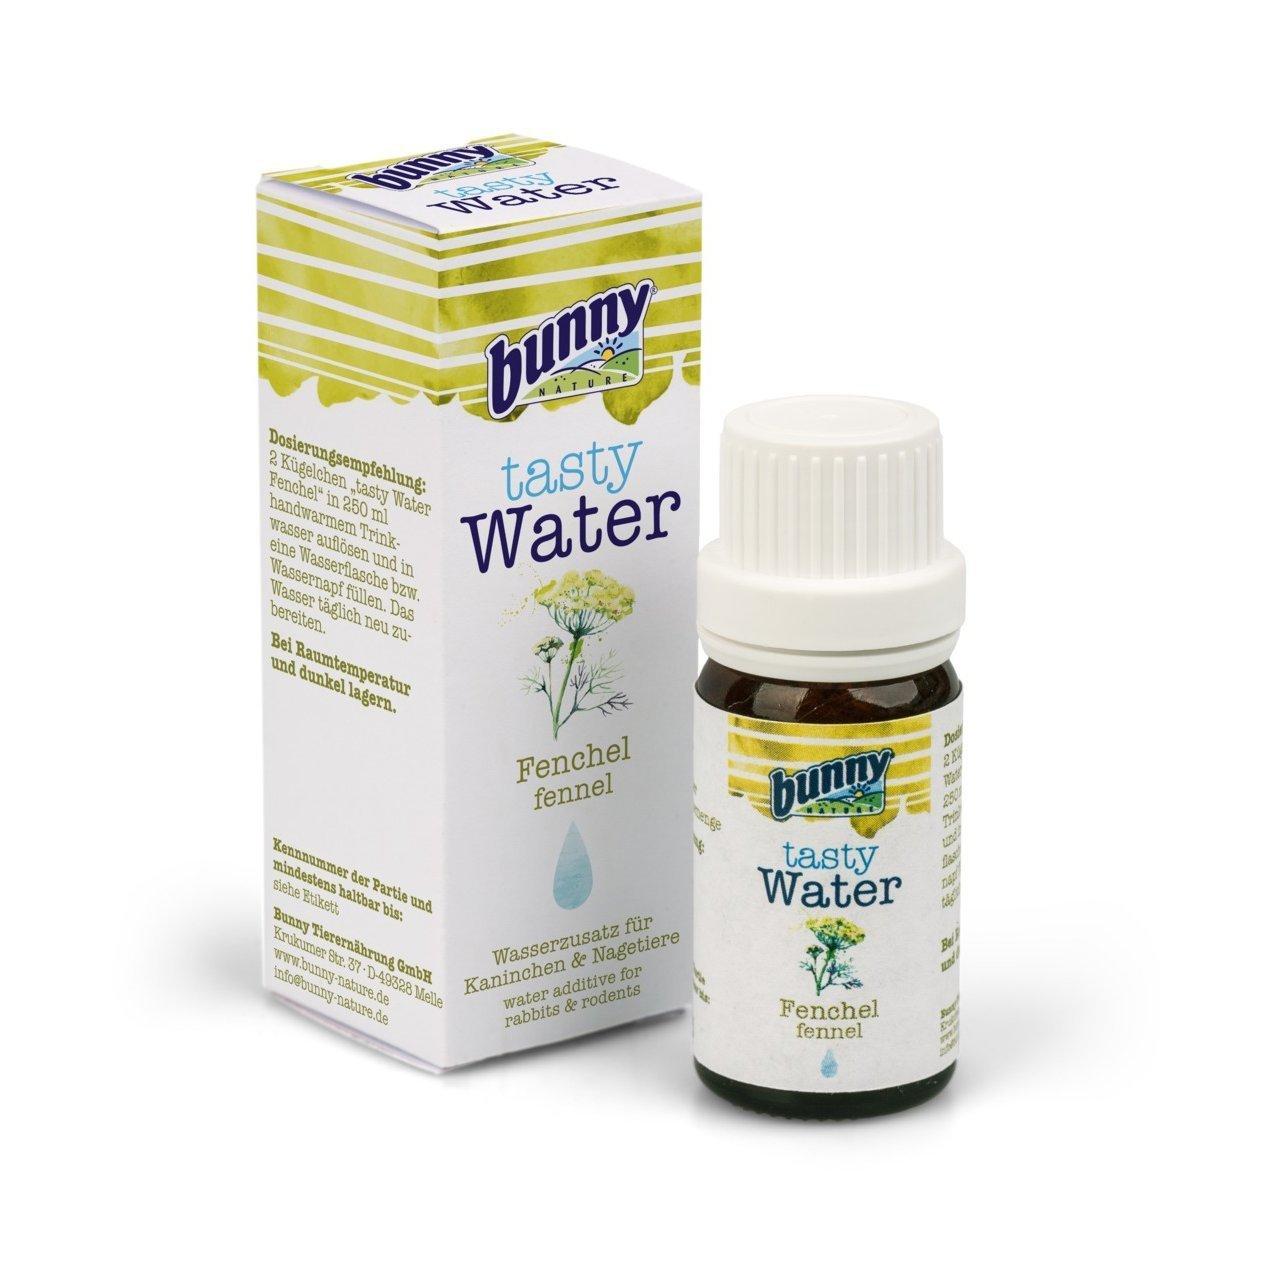 Bunny Health Tasty Water Wasserzusatz für Kaninchen und Nagetiere, 10 g / Fenchel - Wasserzusatz